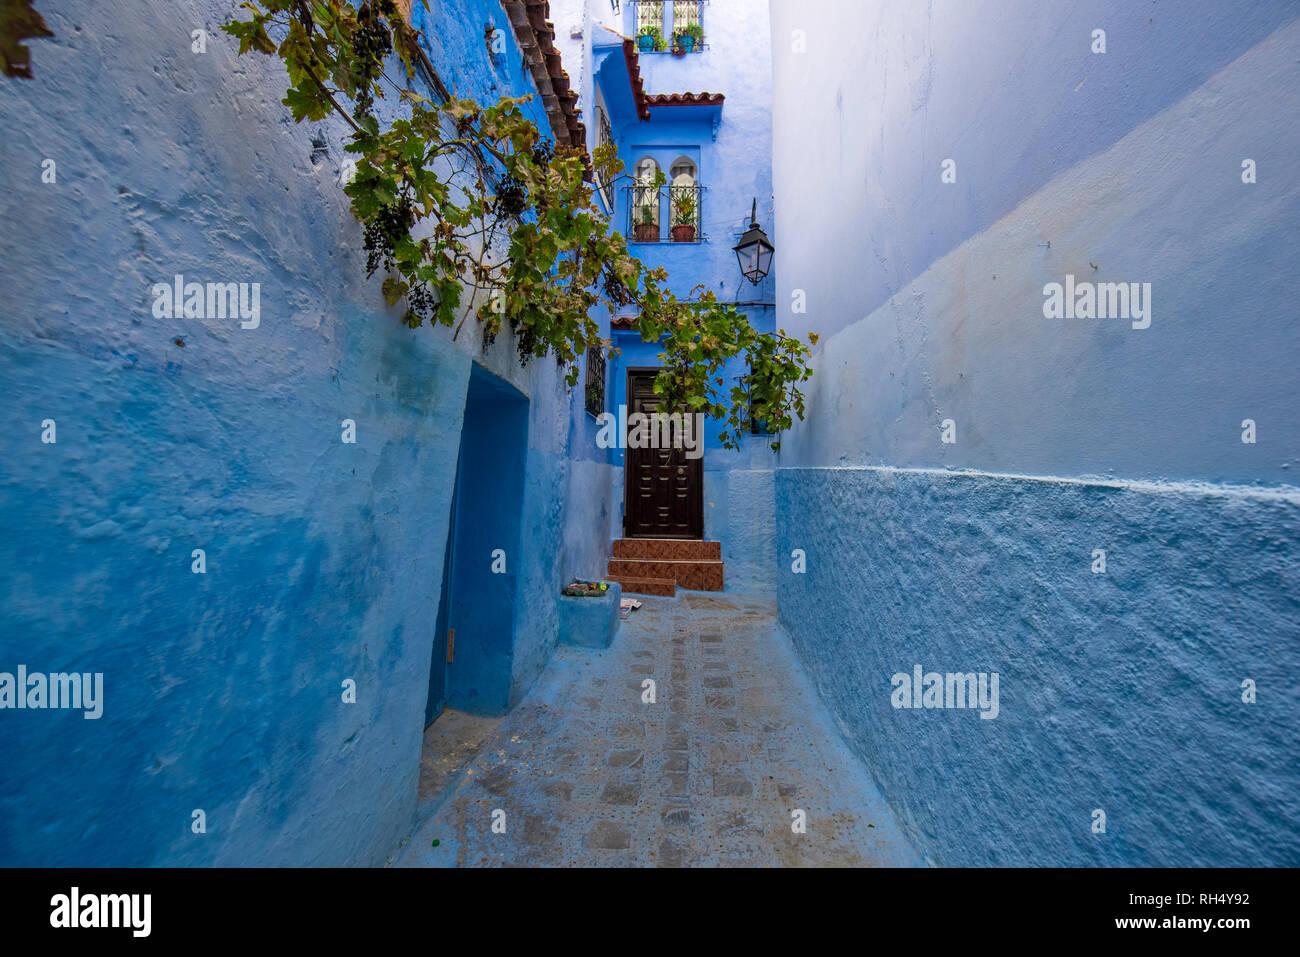 Case Blu Marocco : Bellissima vista della città blu chefchaouen marocco nella medina